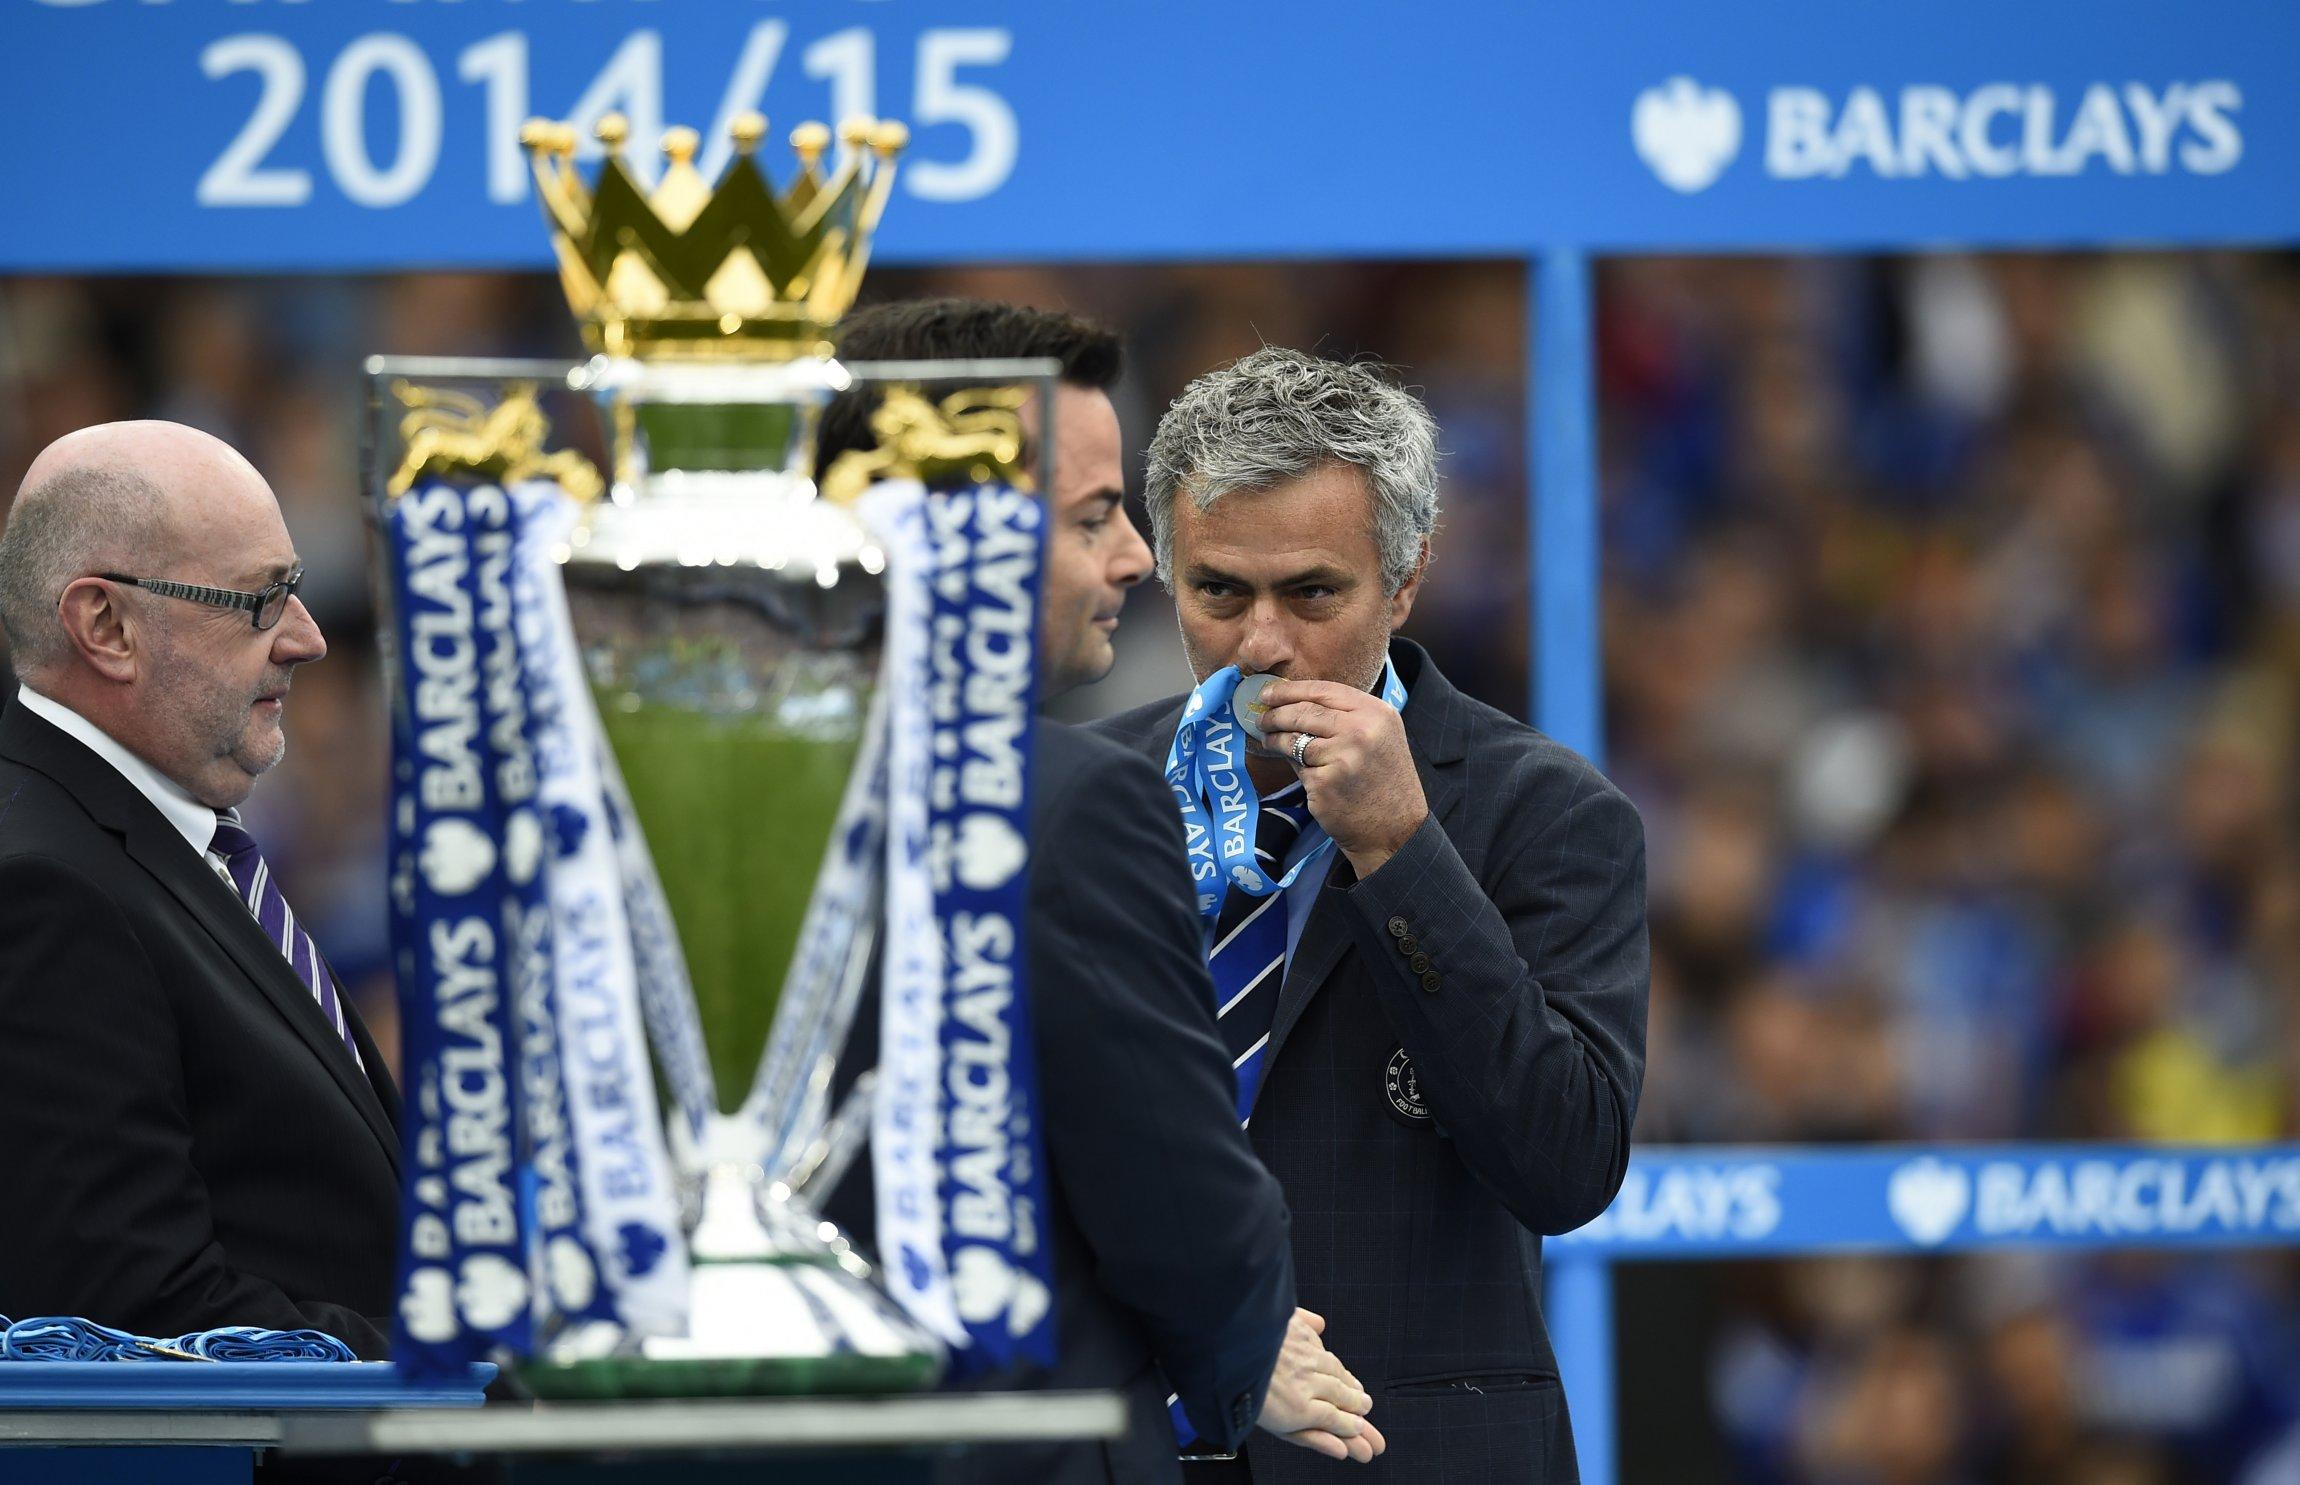 13 đời HLV Chelsea trong thế kỷ 21 đã diễn ra như thế nào? - Bóng Đá